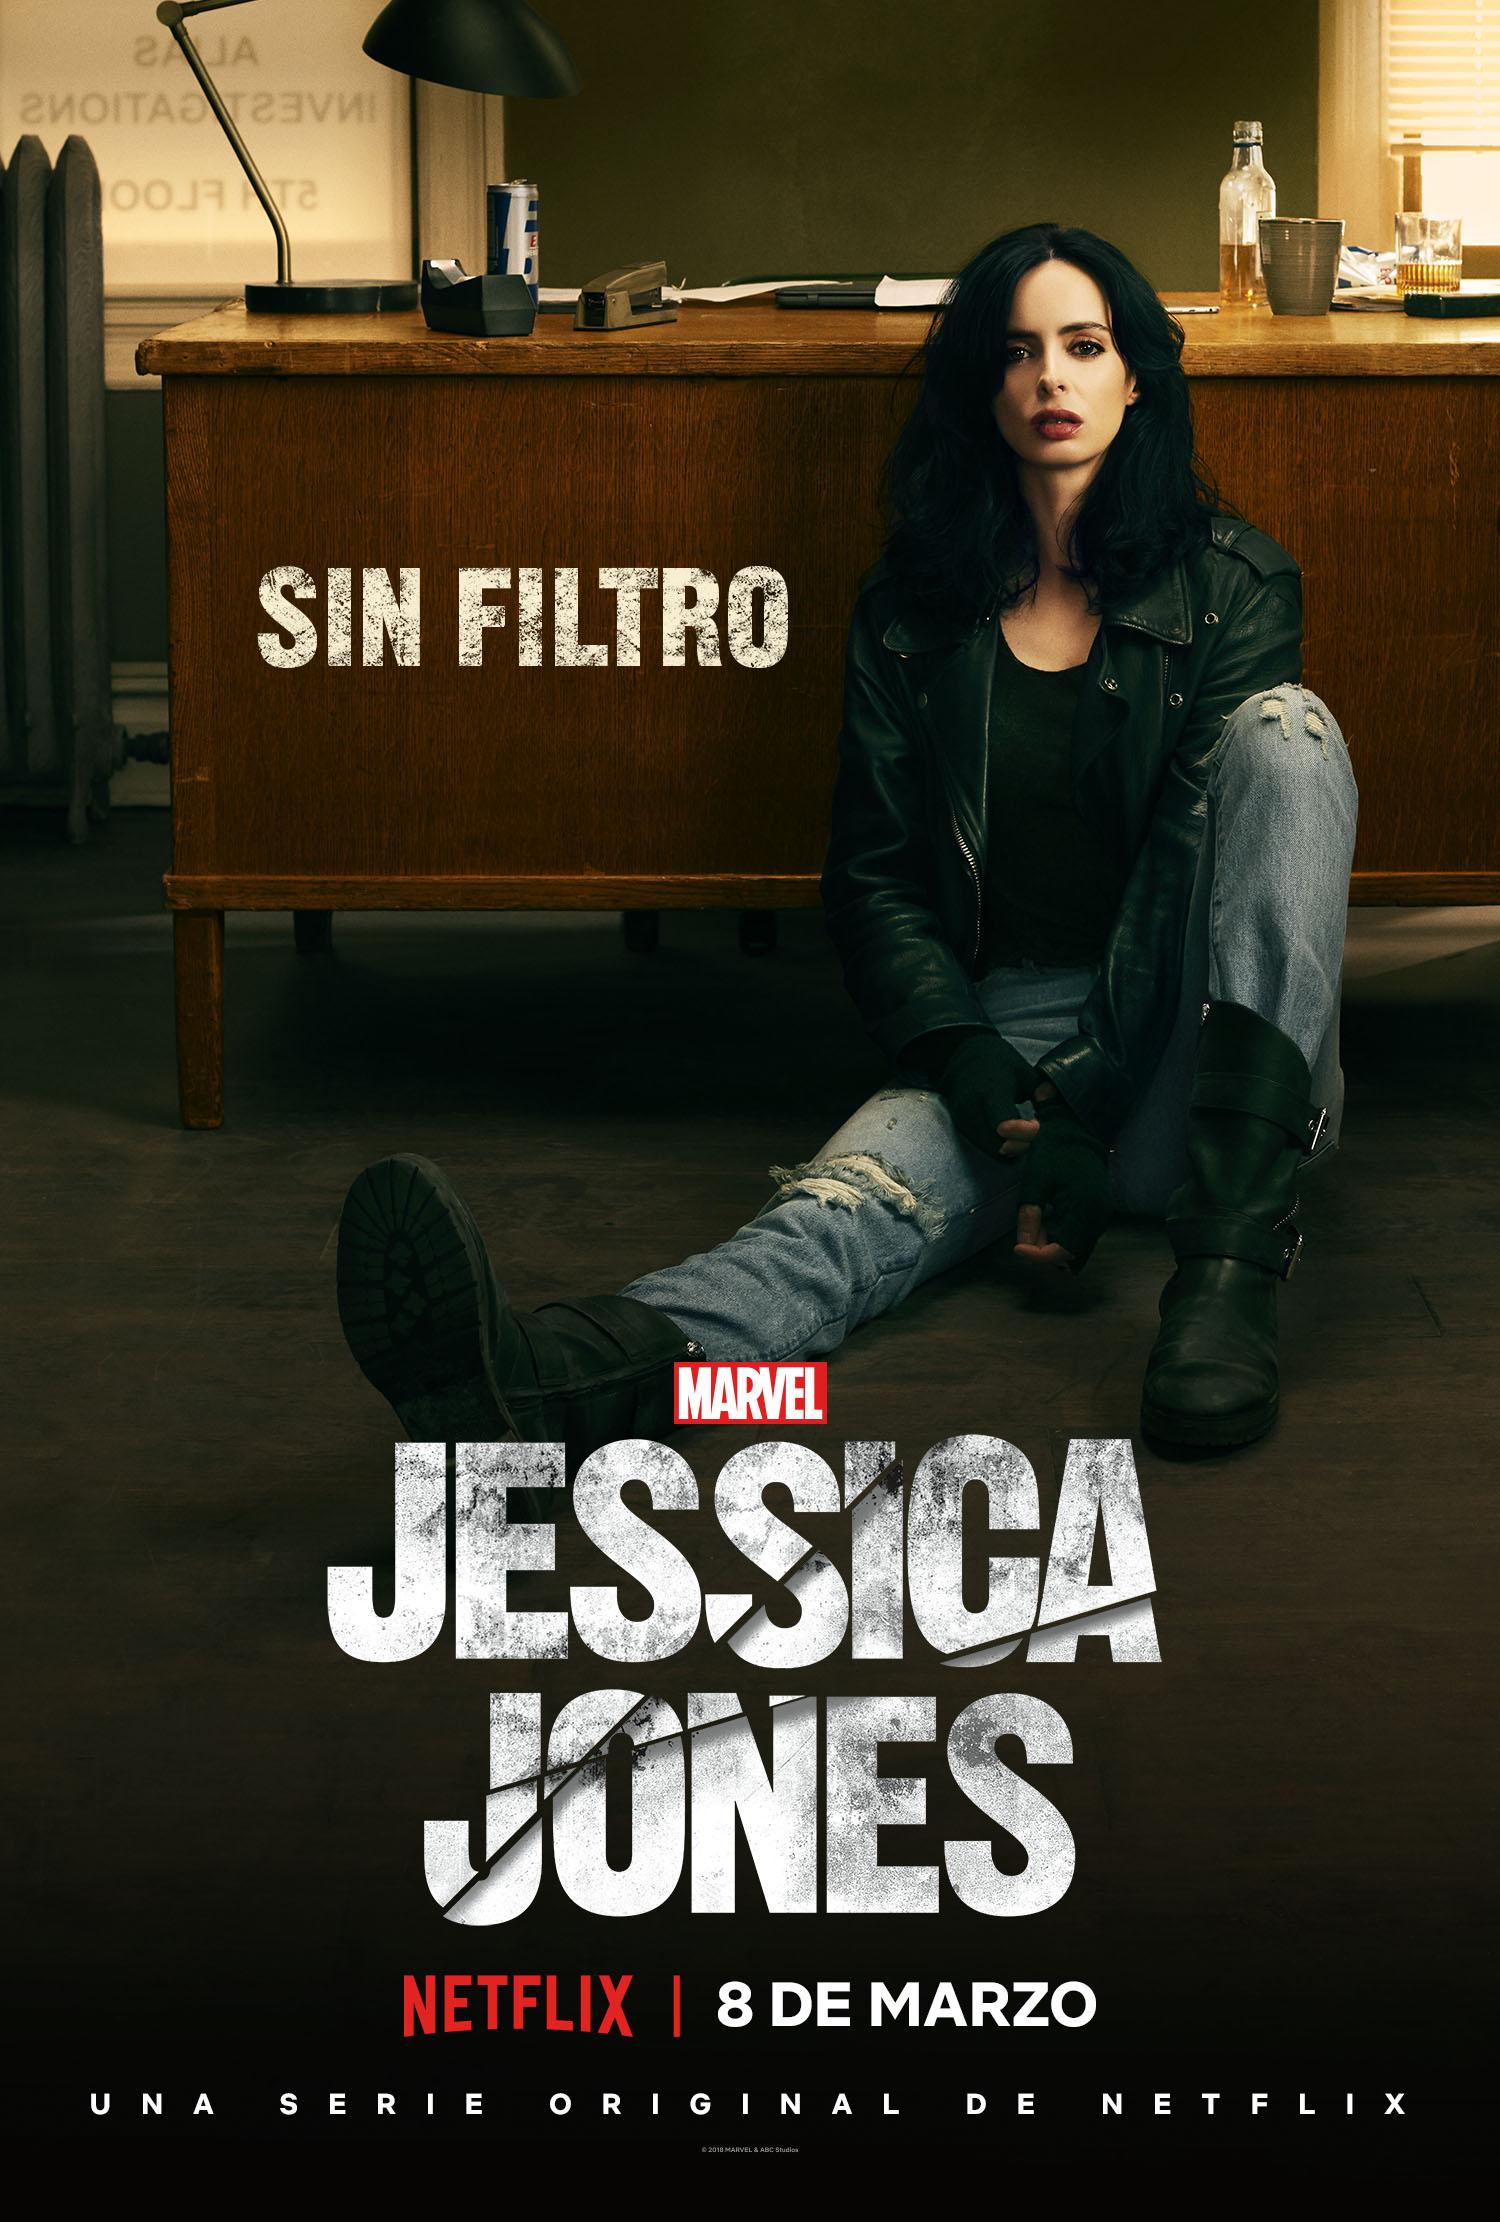 'Marvel - Jessica Jones': Póster y el tráiler de la segunda temporada